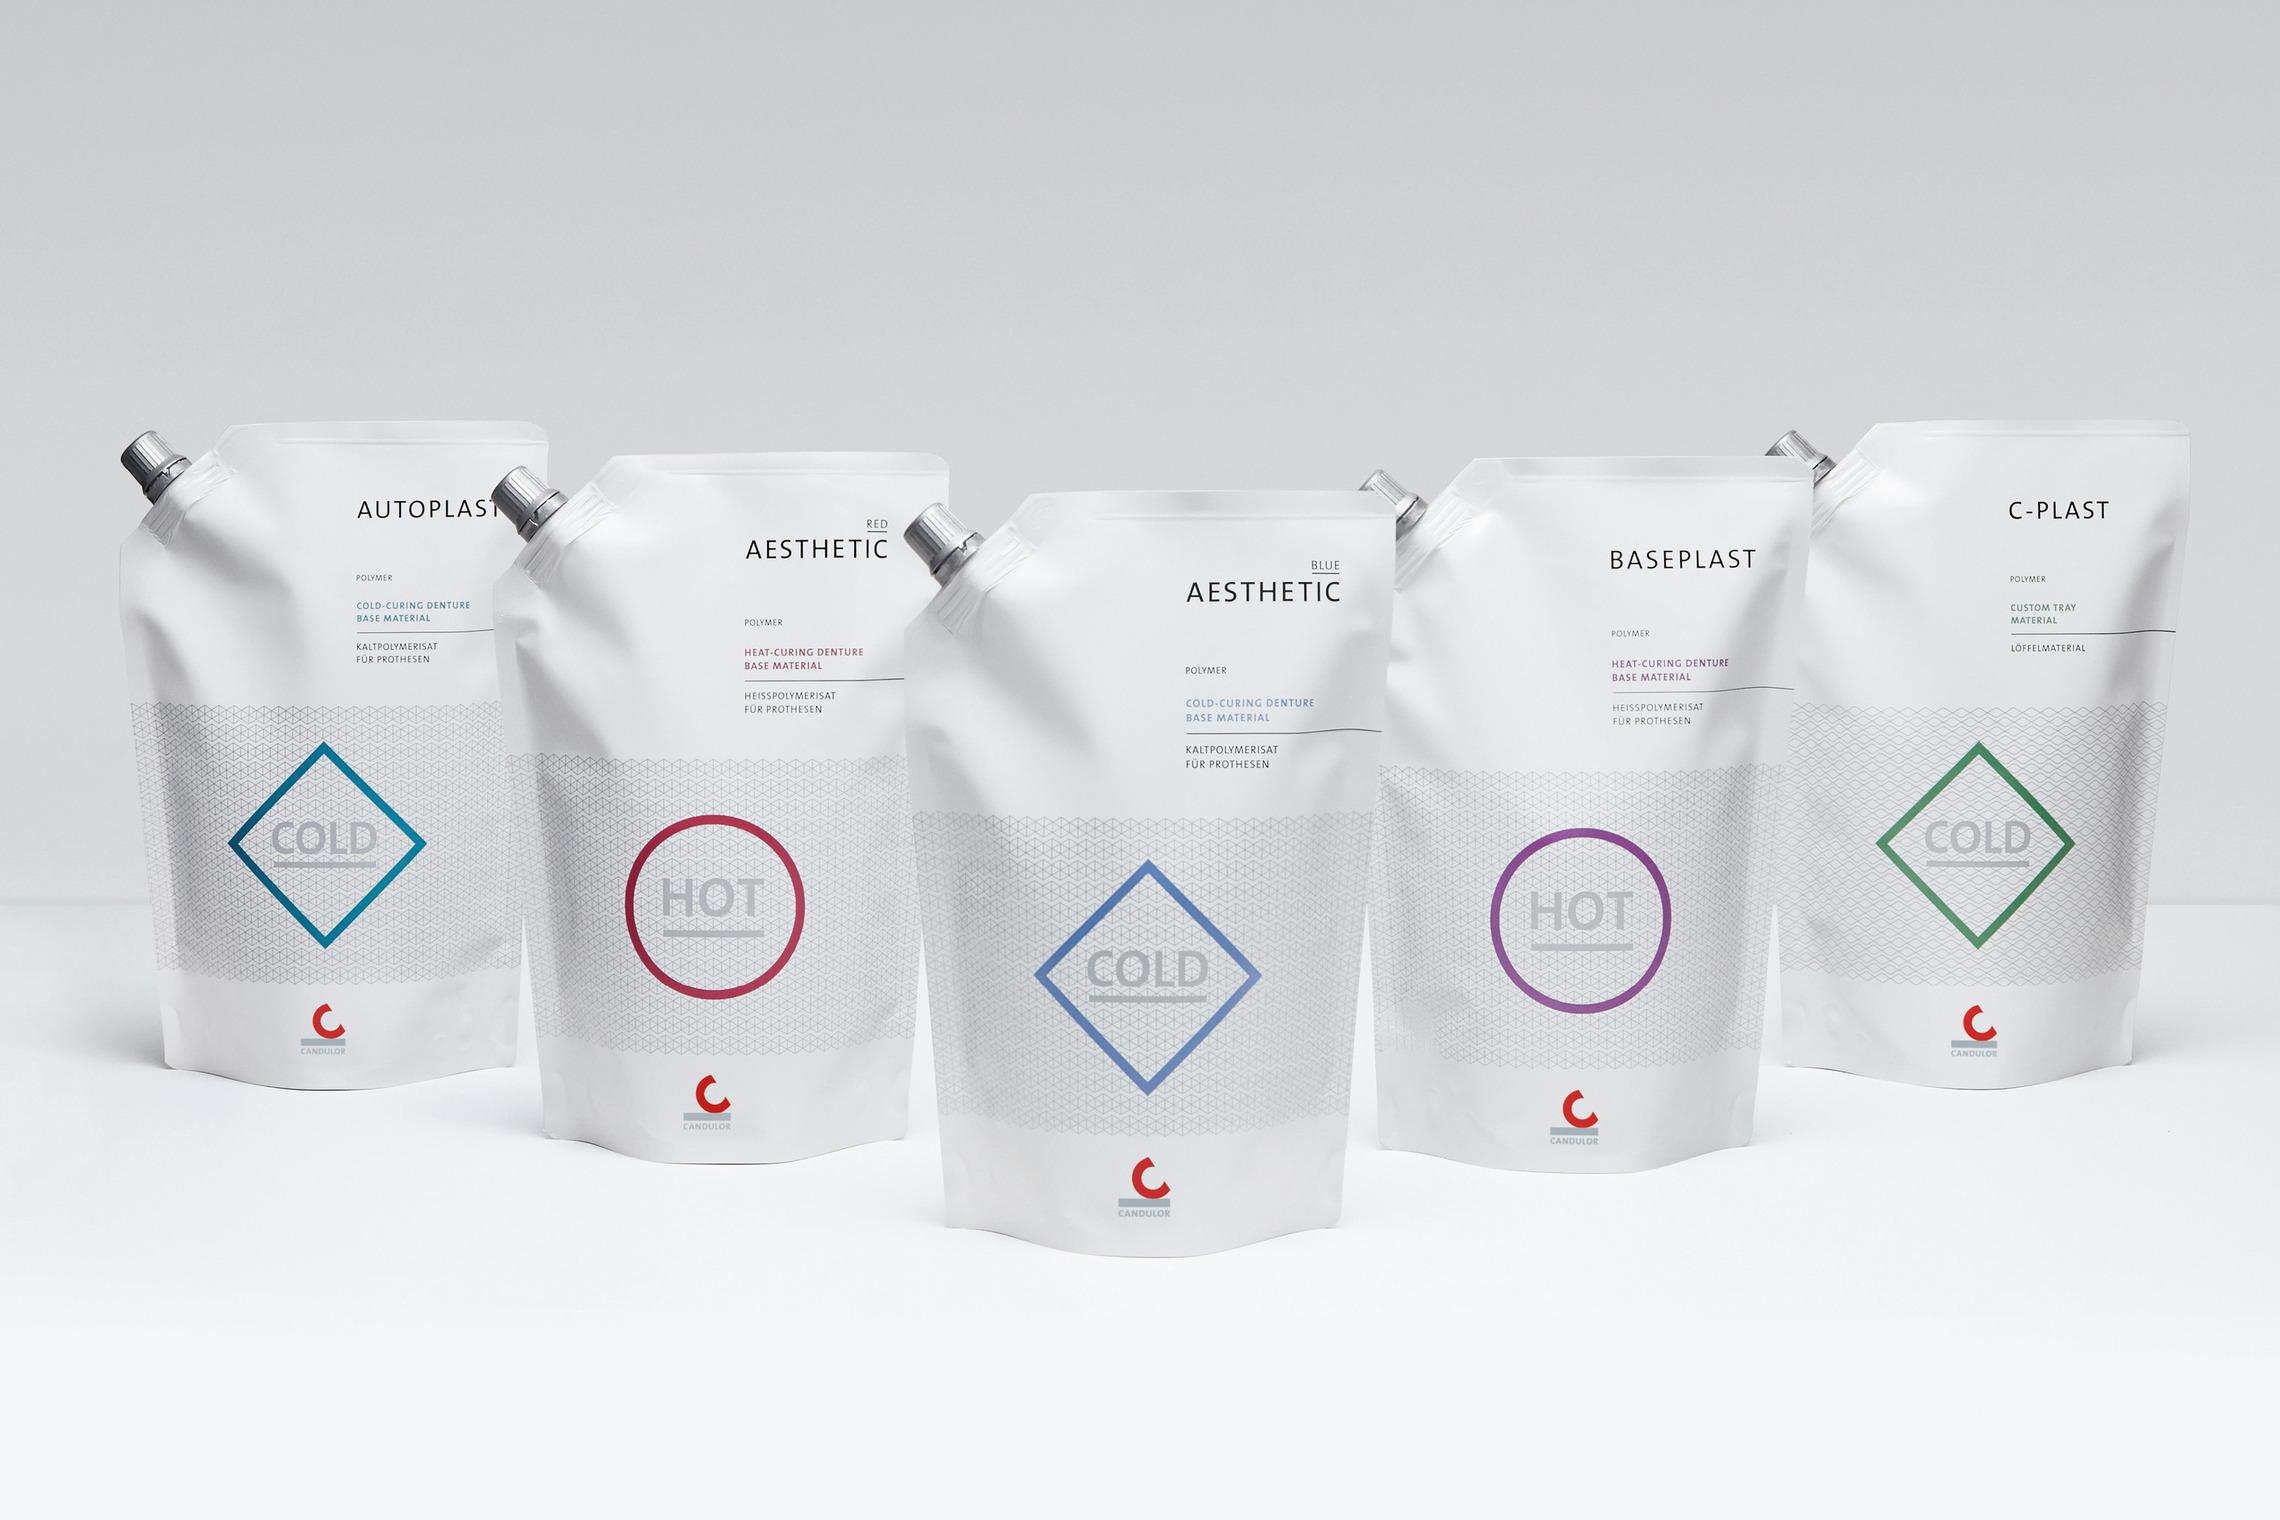 Das übergeordnete Gestaltungskonzept des neuen Verpackungsdesigns wird im Produktportfolio systematisch angewendet.